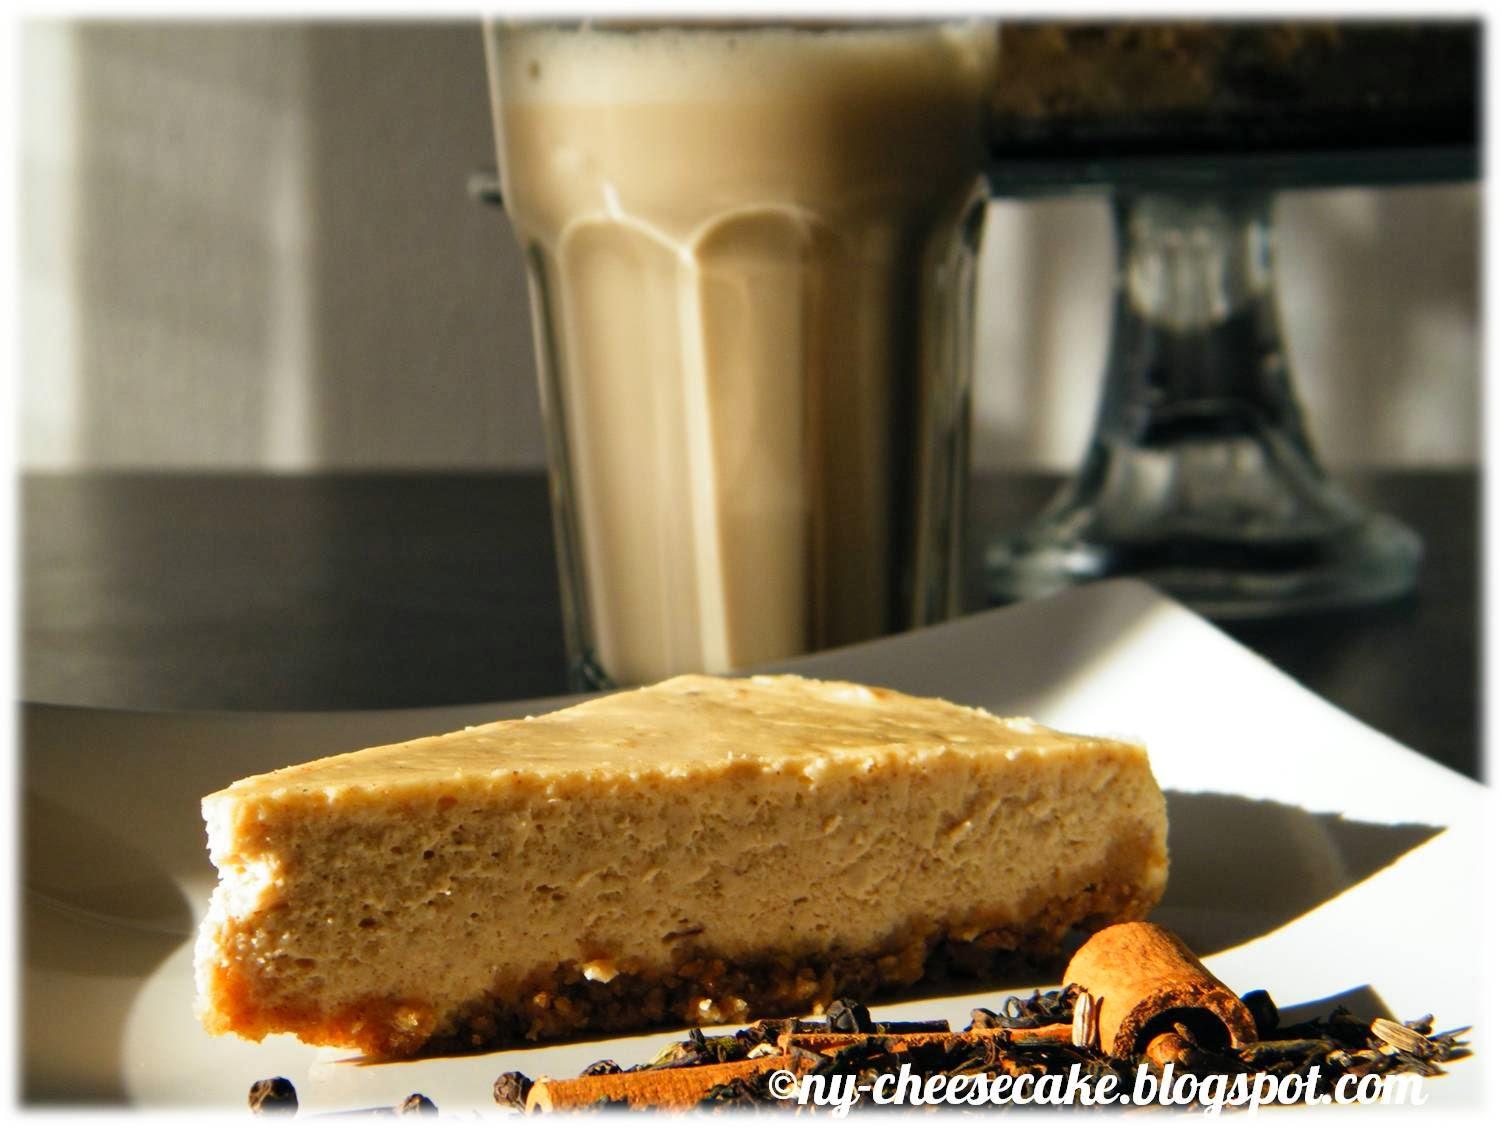 http://reihe11.com/2012/10/06/new-york-cheesecake-mit-chai-und-weisser-schokolade/